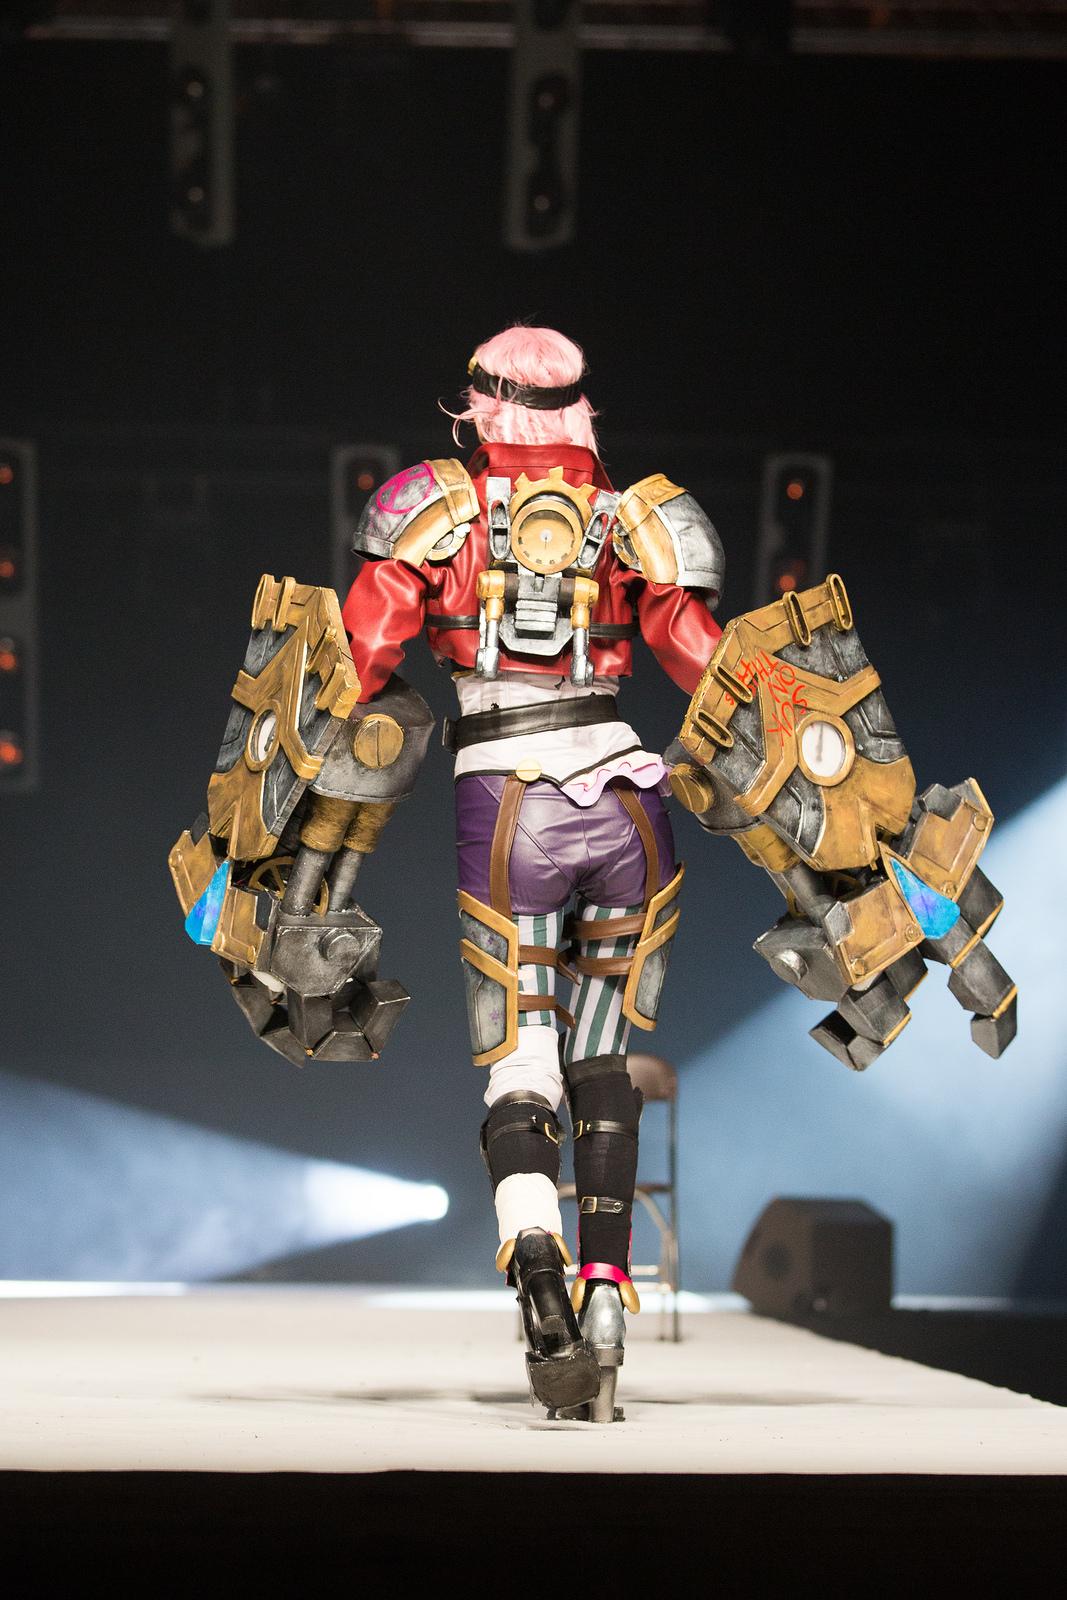 Ngắm cosplay LMHT tuyệt đẹp tại Japan Expo 2014 - Ảnh 7